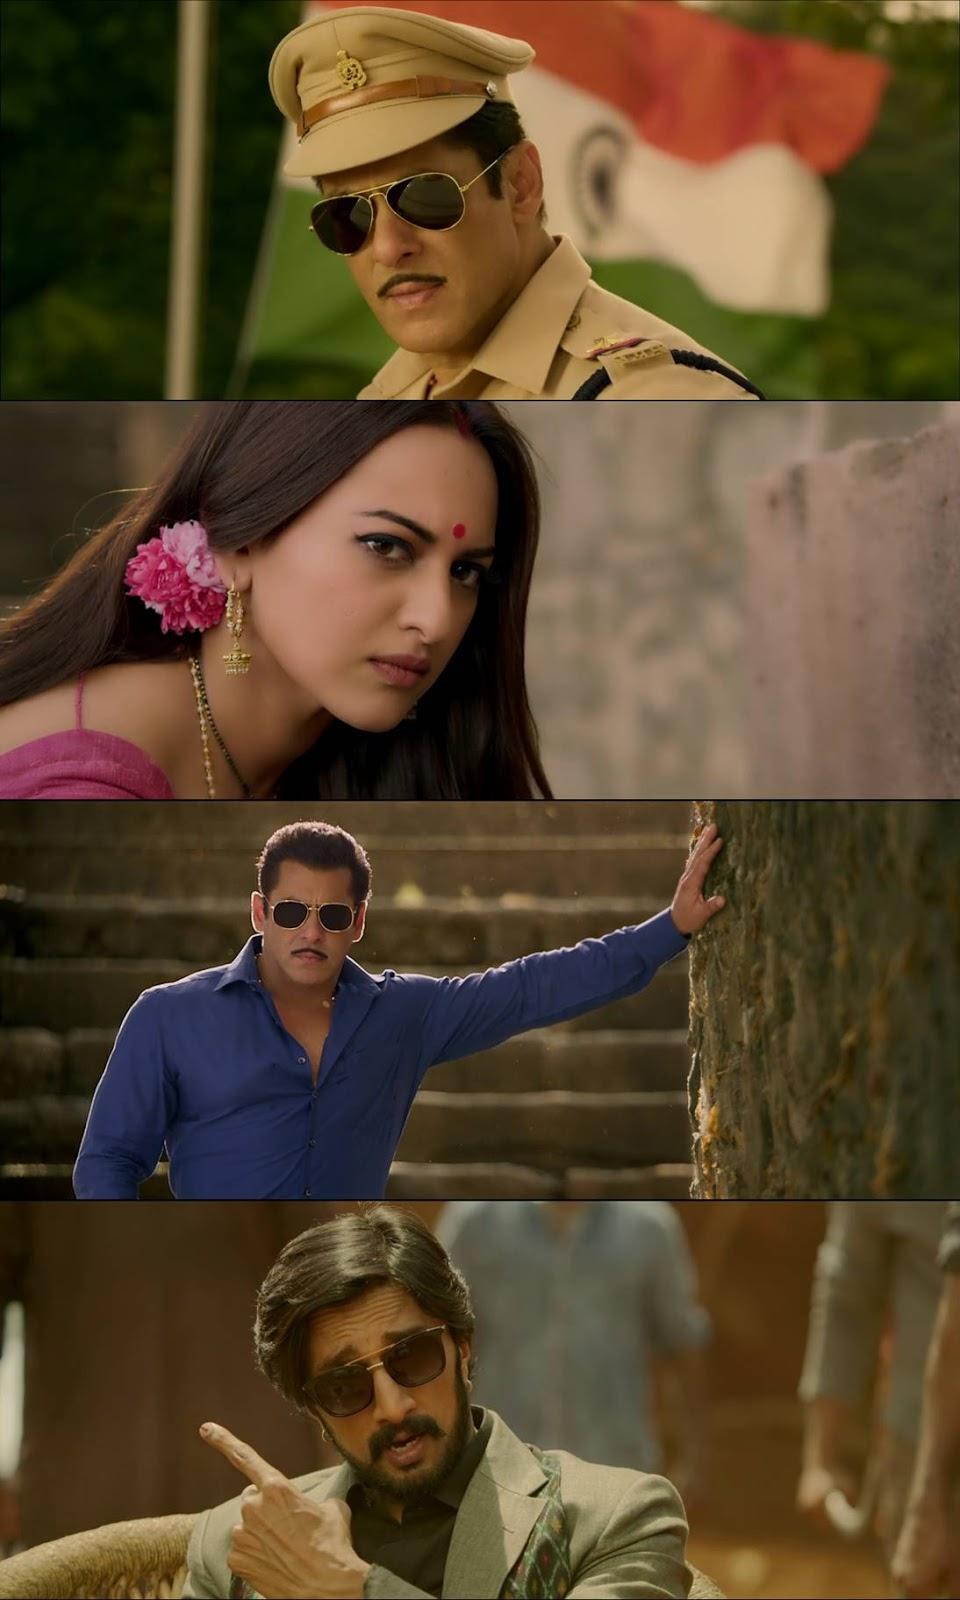 Dabangg 3 (2019) Hindi 480p WEB-DL 450MB Desirehub